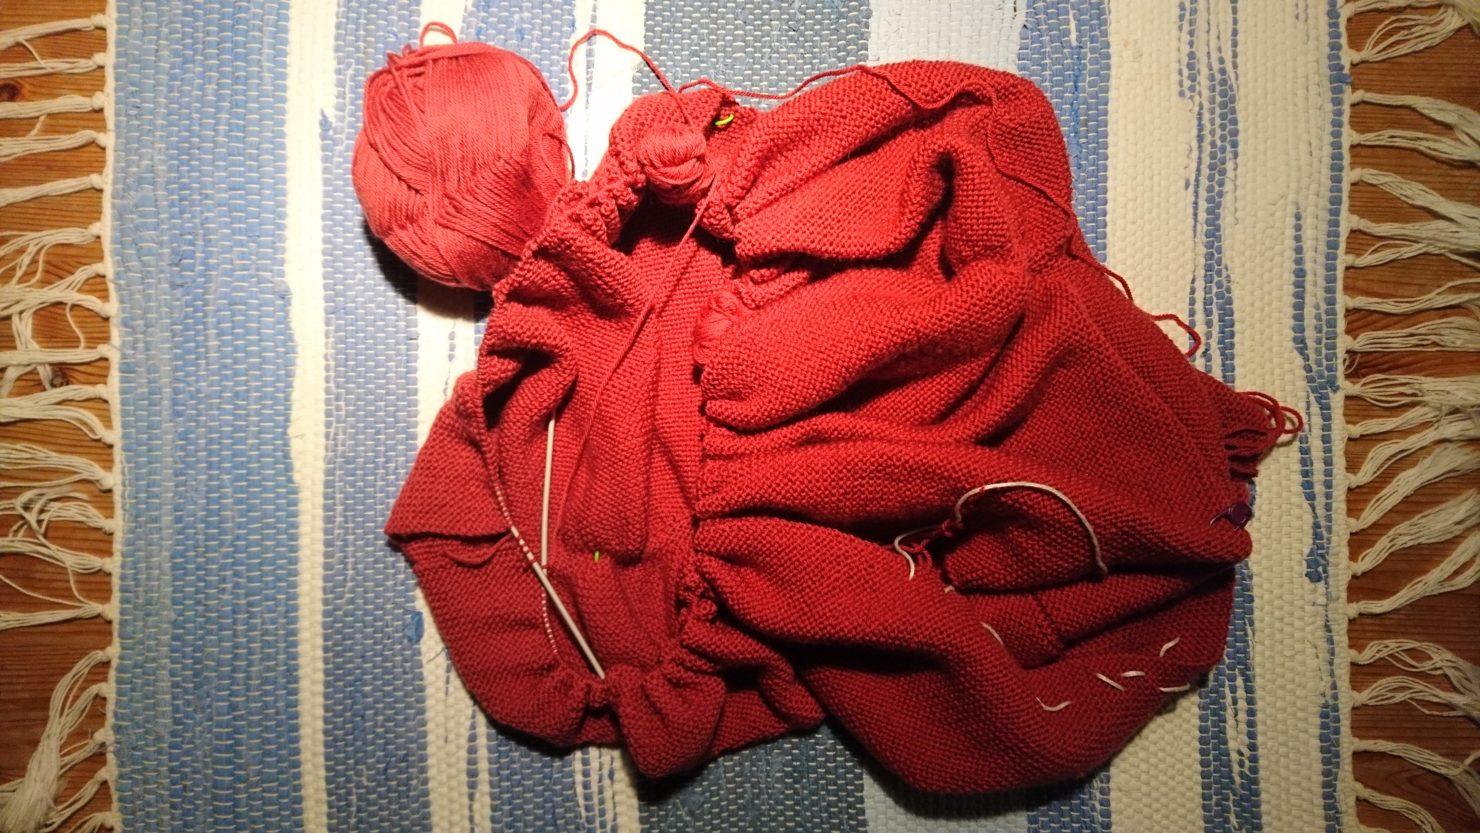 Hvor lang tid tar det å strikke en genser?